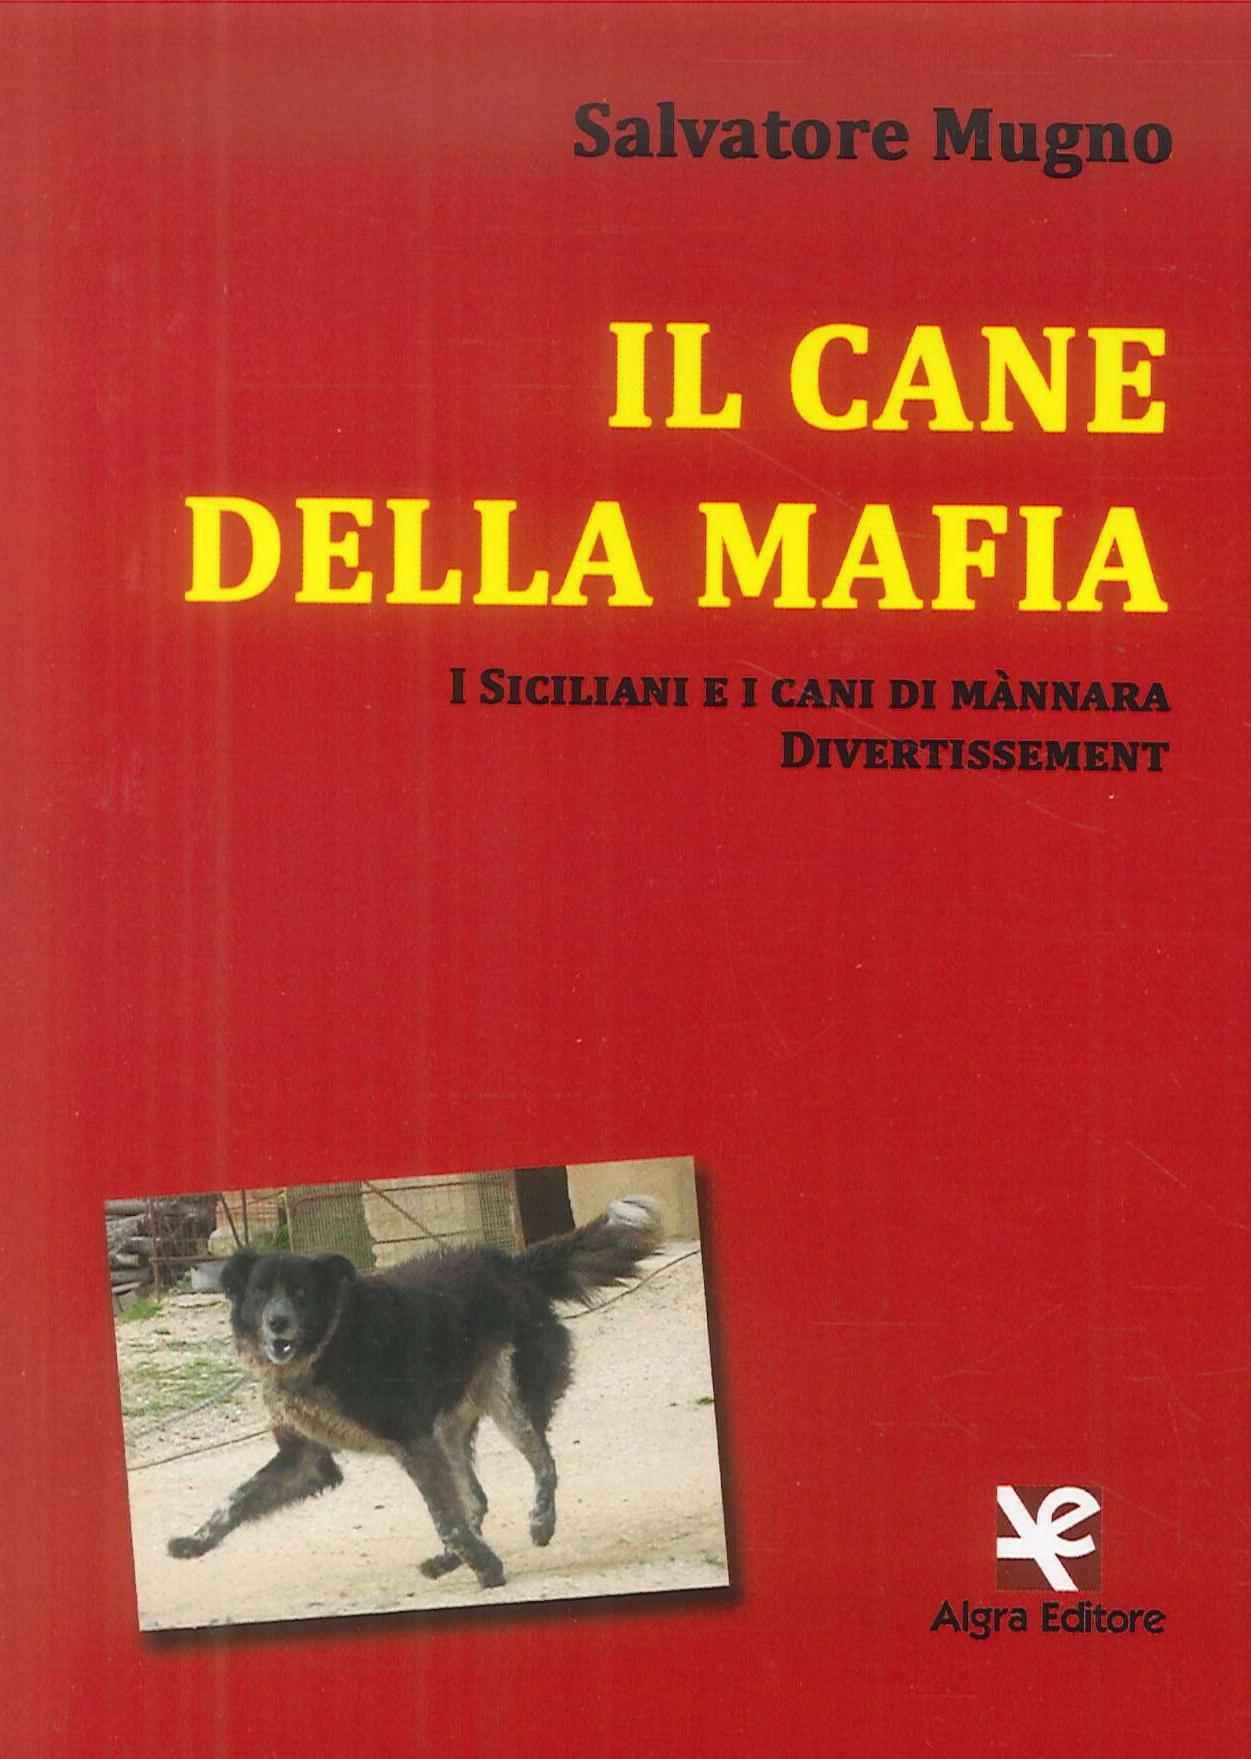 Il cane della mafia. I siciliani e i cani di mànnara. Divertissement